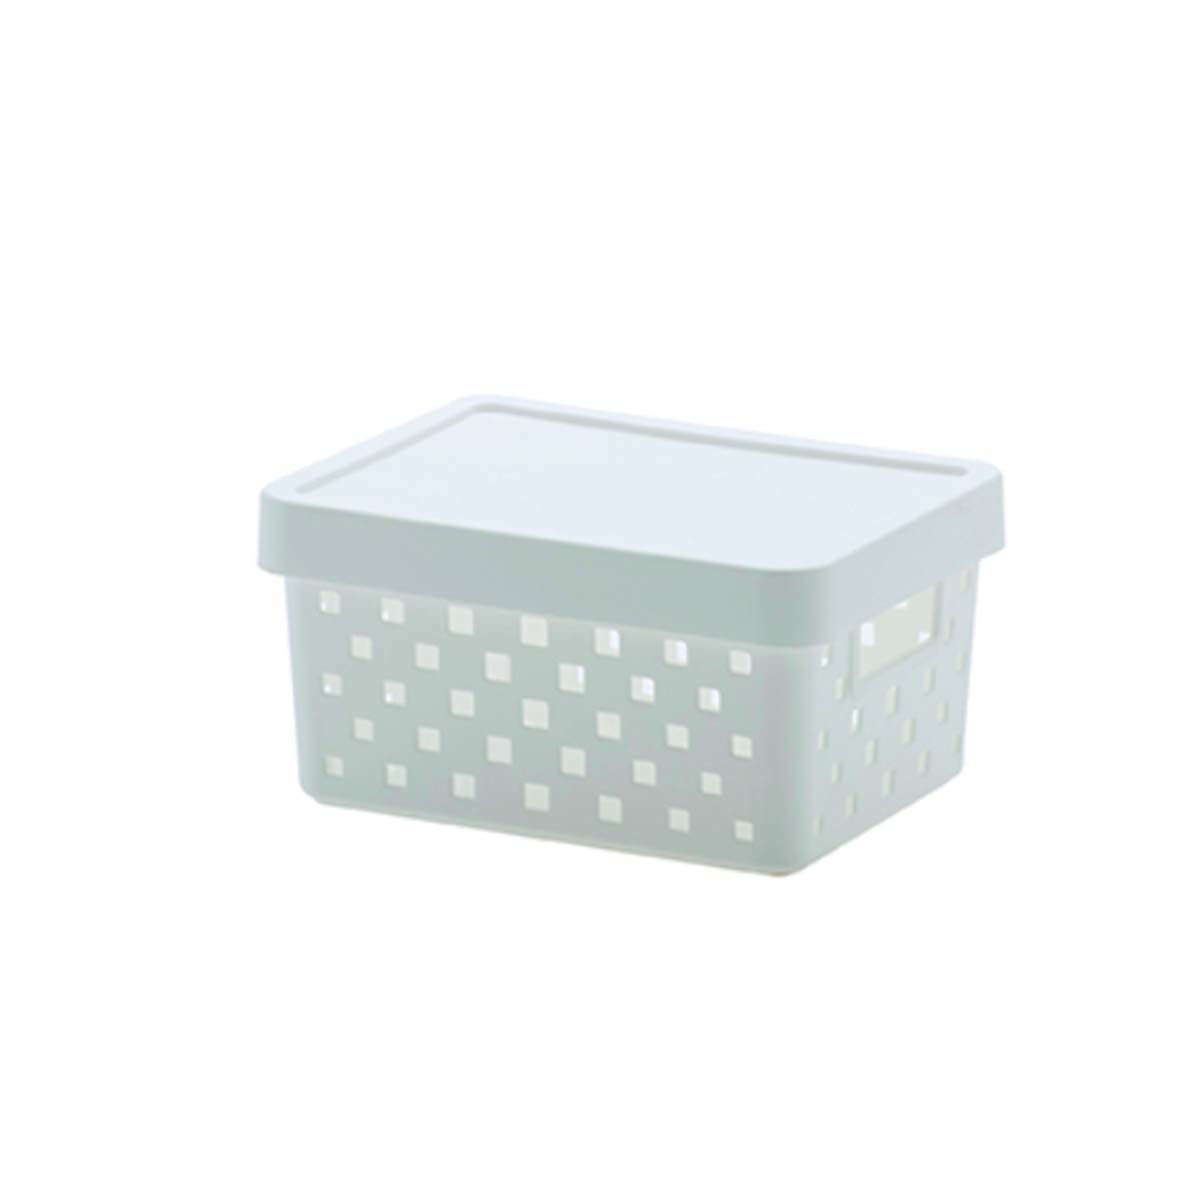 Cesto Caixa Organizadora Quadratta Paramount Plásticos 19X14X10 CM